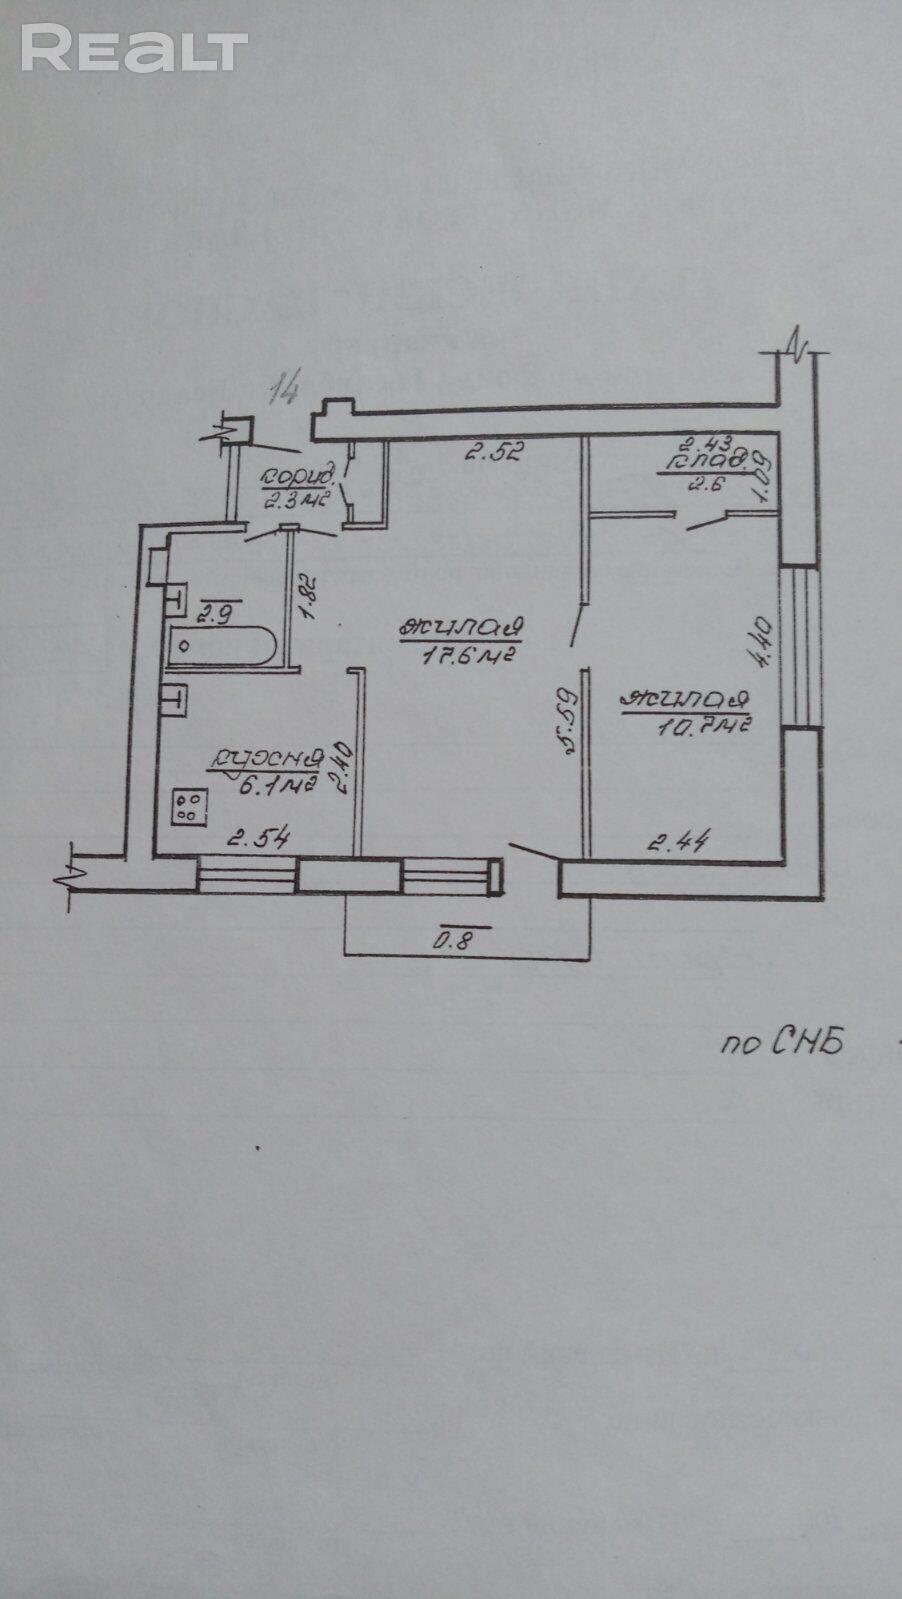 Продажа 2-х комнатной квартиры в г. Быхове, ул. Гришина, дом 6. Цена 37 503 руб c торгом